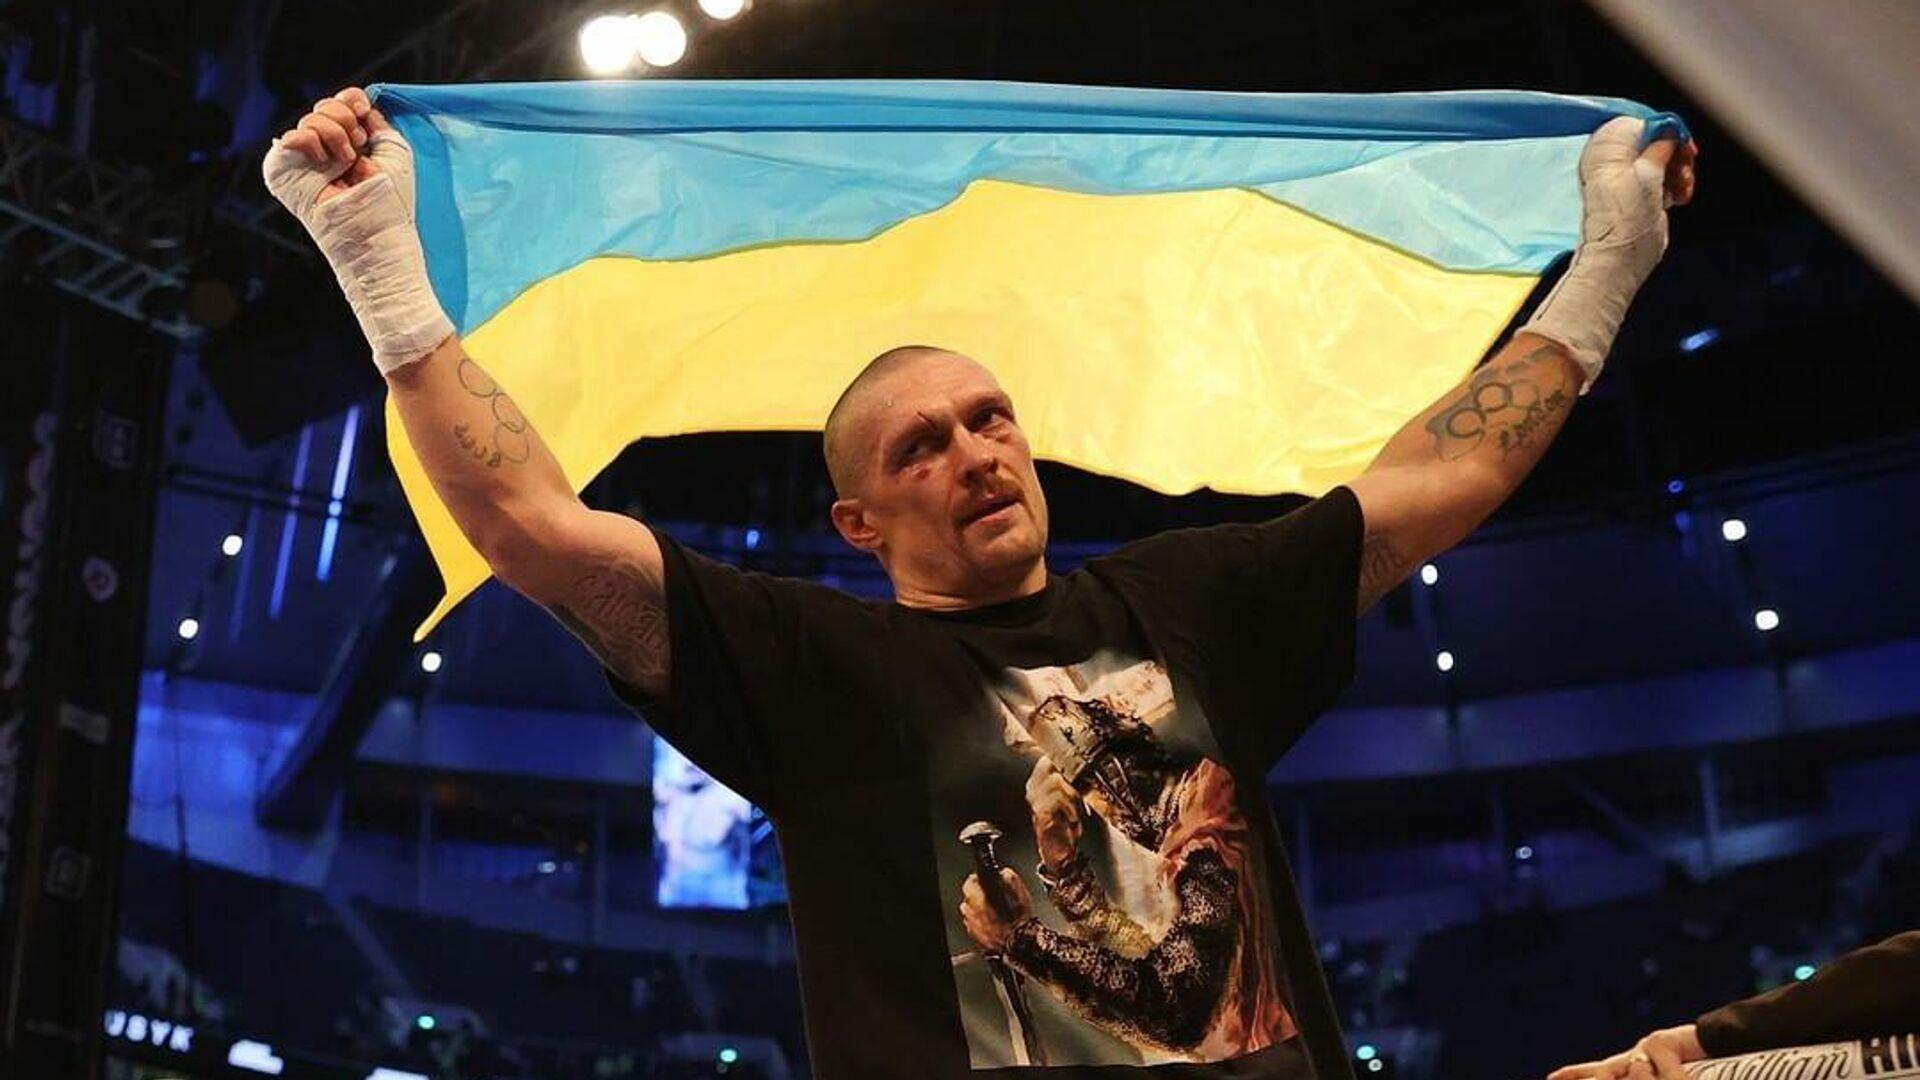 Виталий Кличко презентовал украинскому боксеру Александру Усику символический пояс WBC